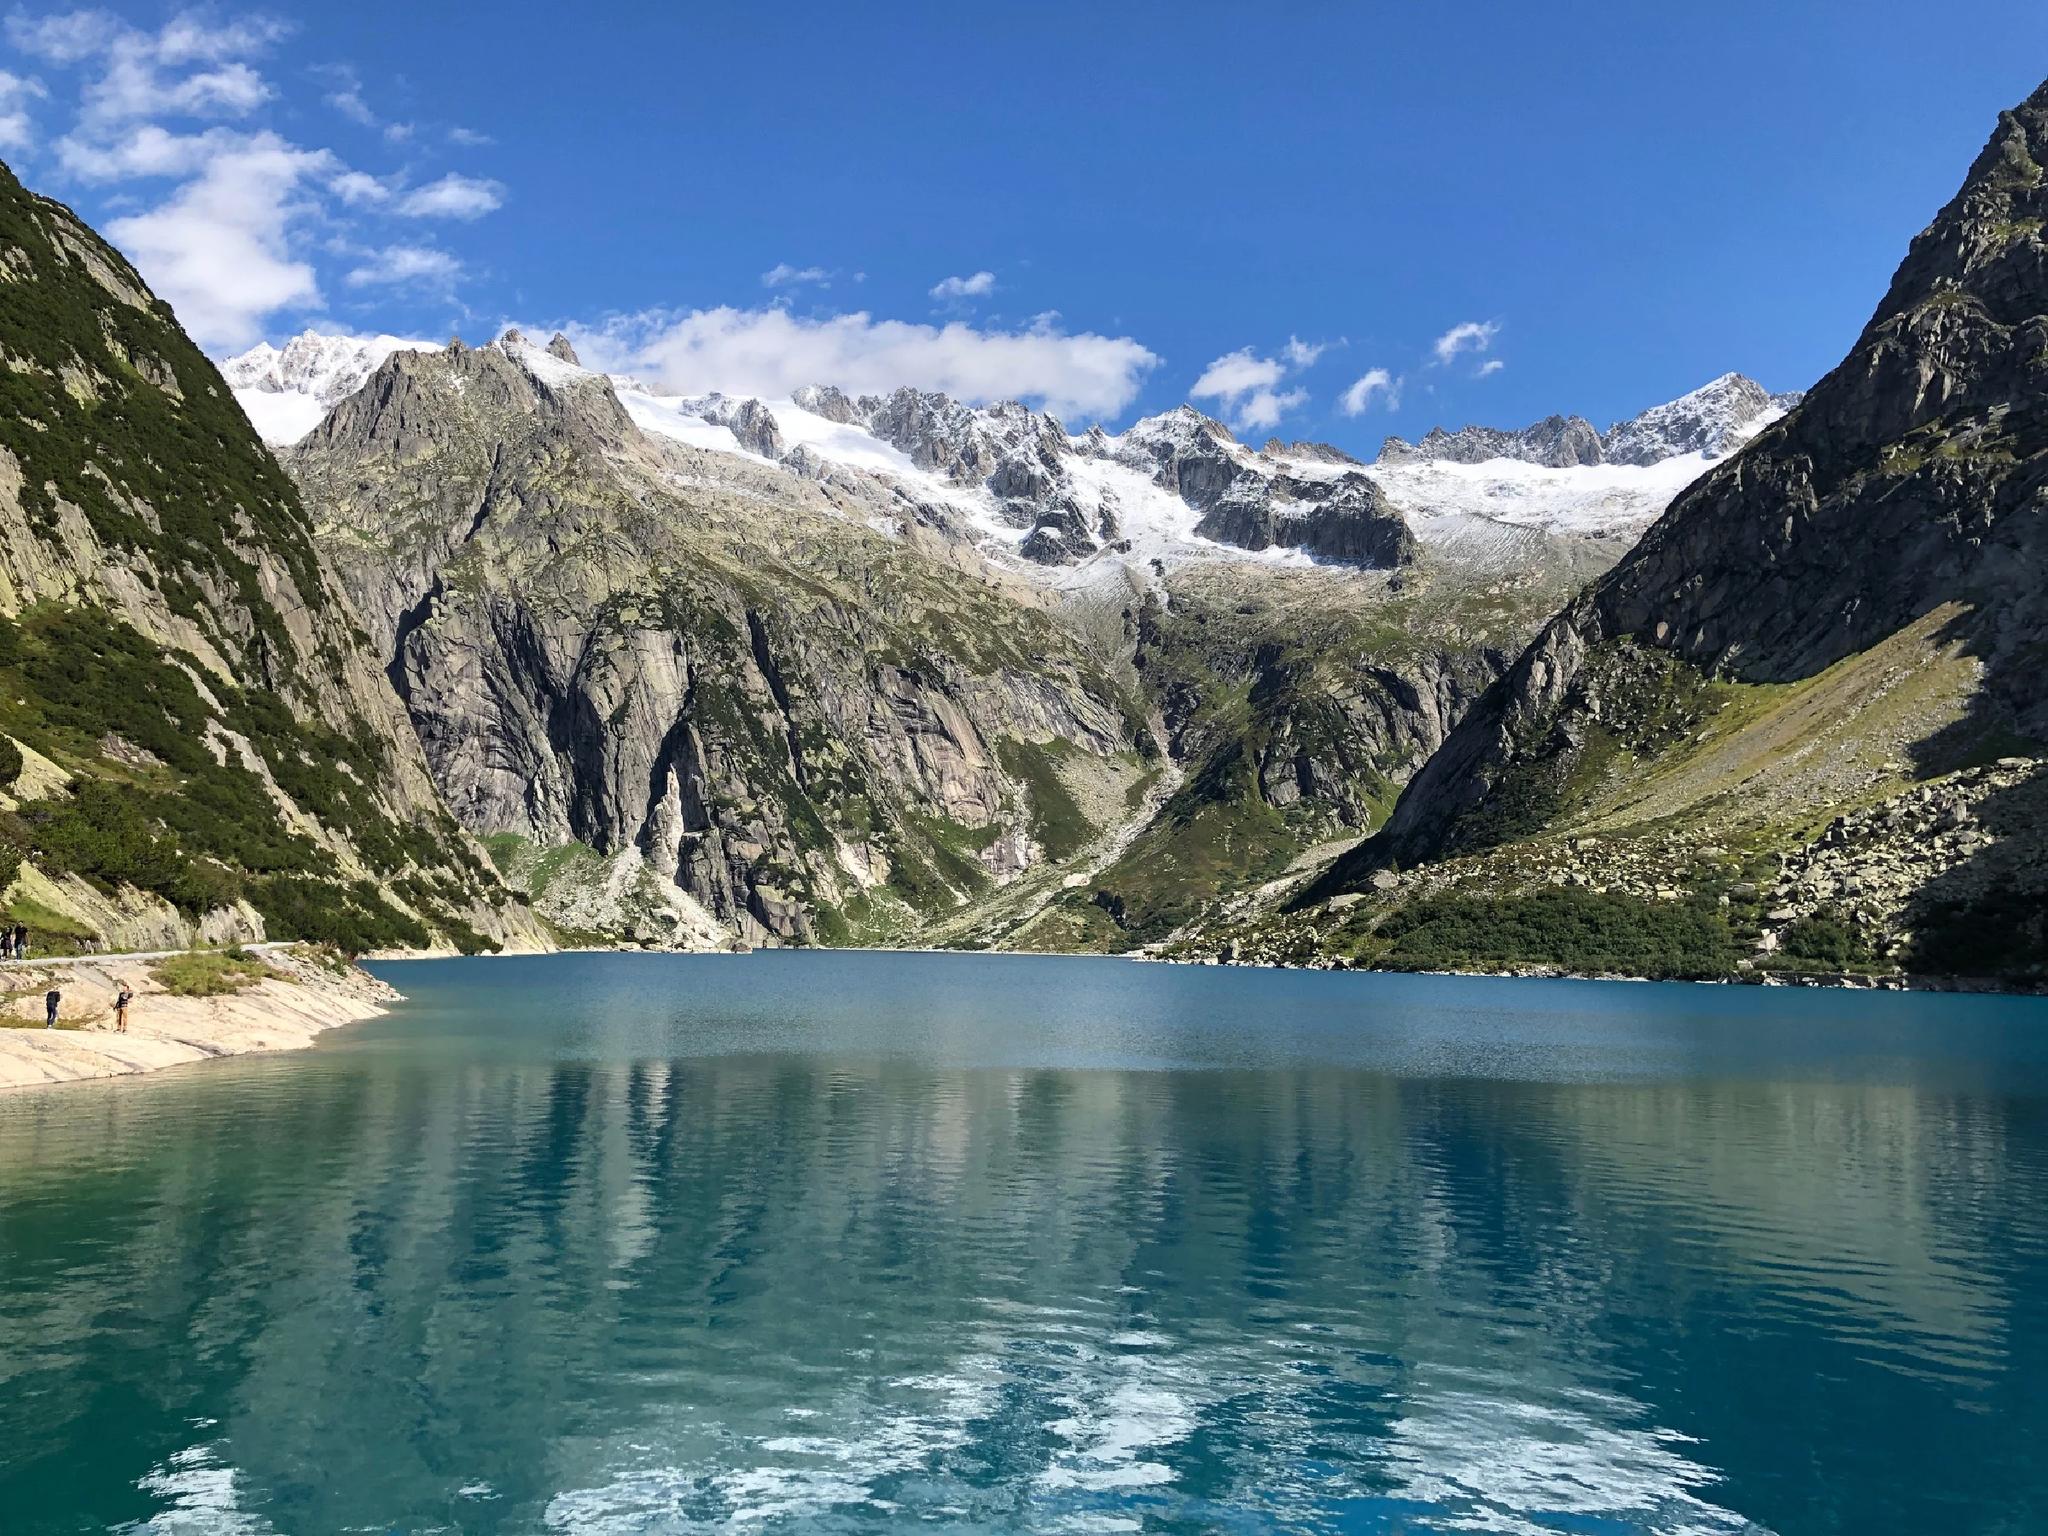 Обои швейцария, гора Нидерхорн, Mount Niederhorn, alps, Switzerland, альпы. Природа